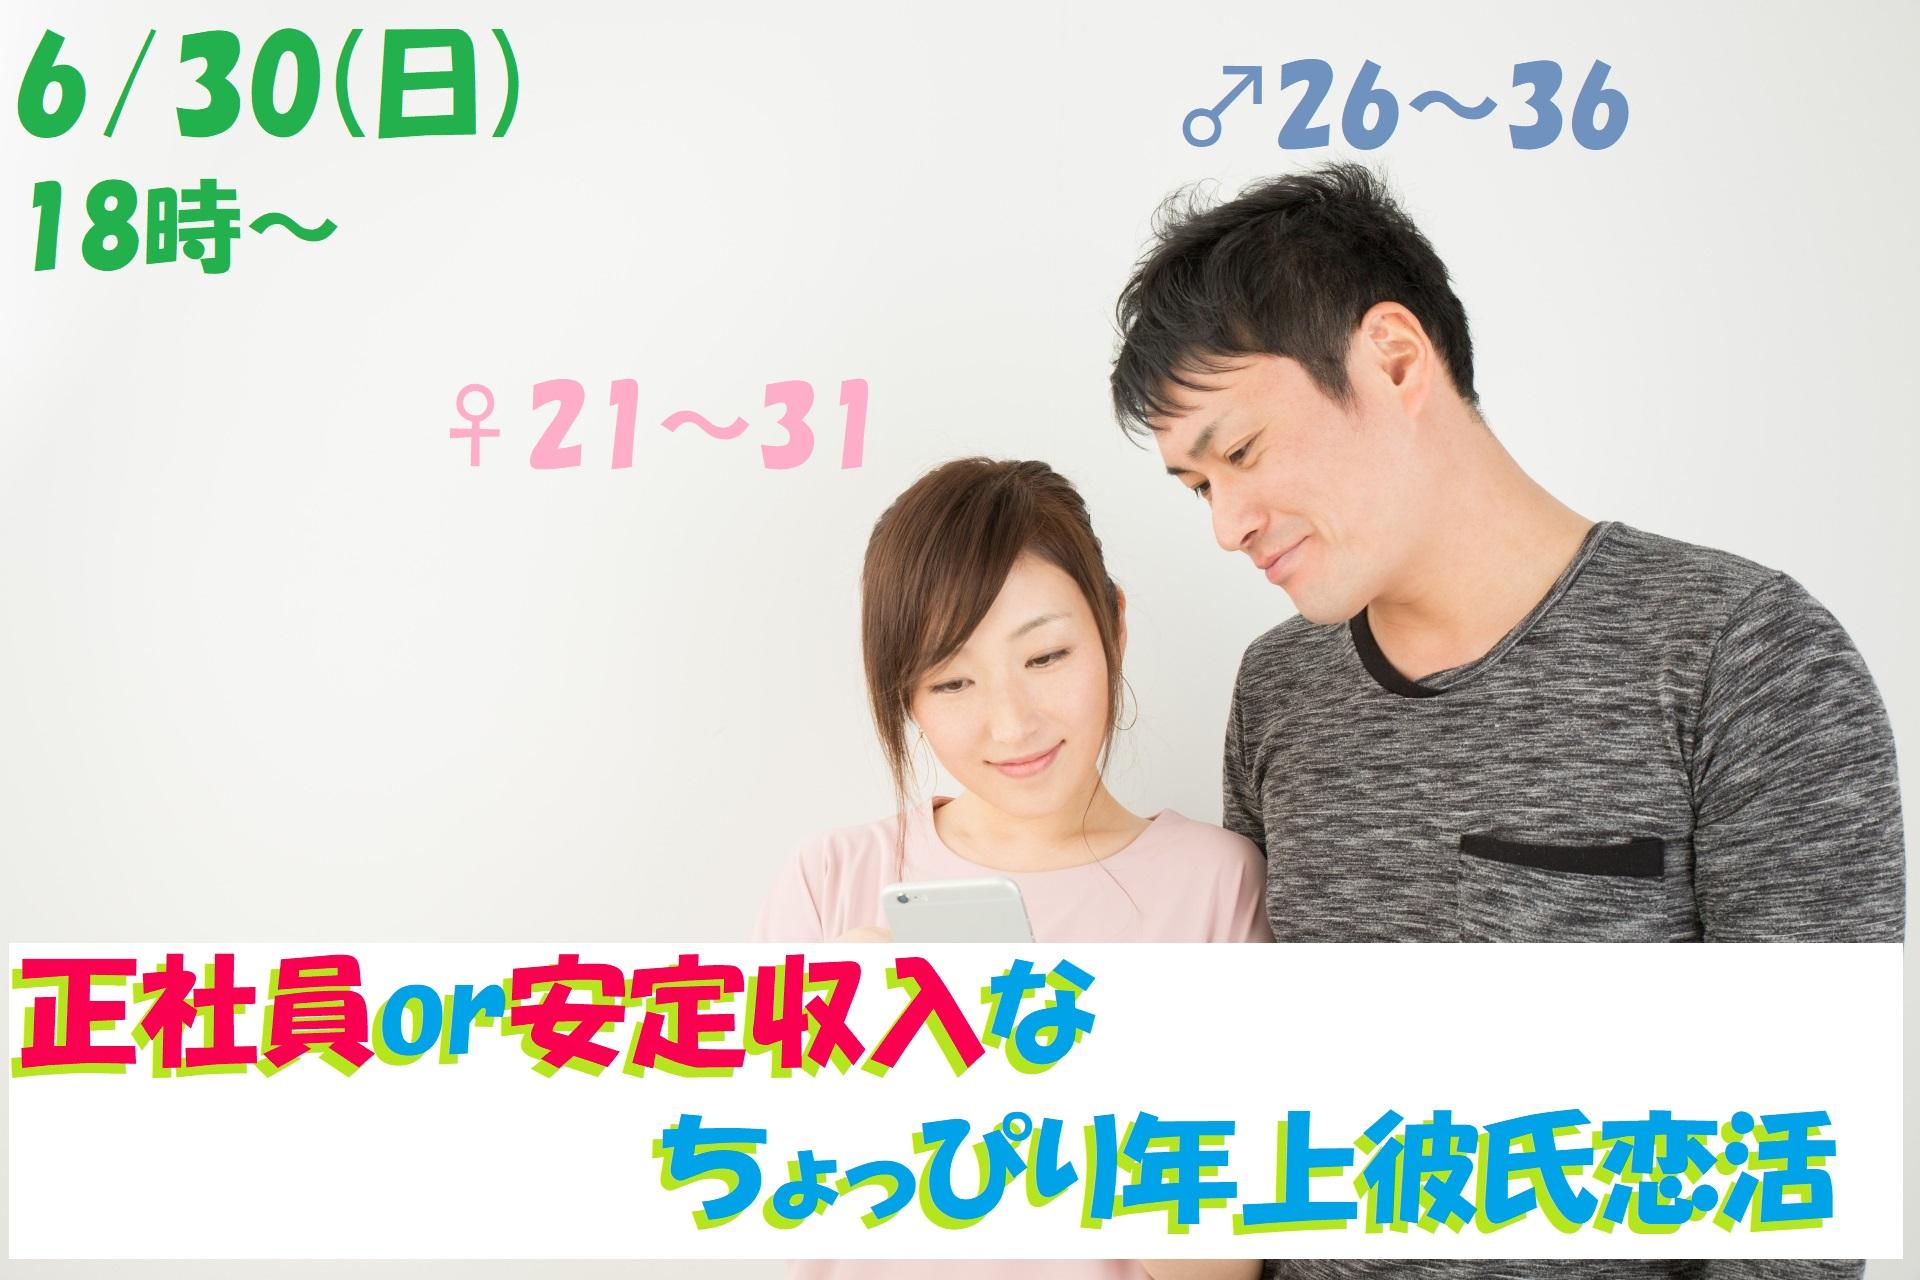 【終了】6月30日(日)18時~【男性26~36歳,女性21~31歳】正社員or安定収入なちょっぴり年上彼氏恋活